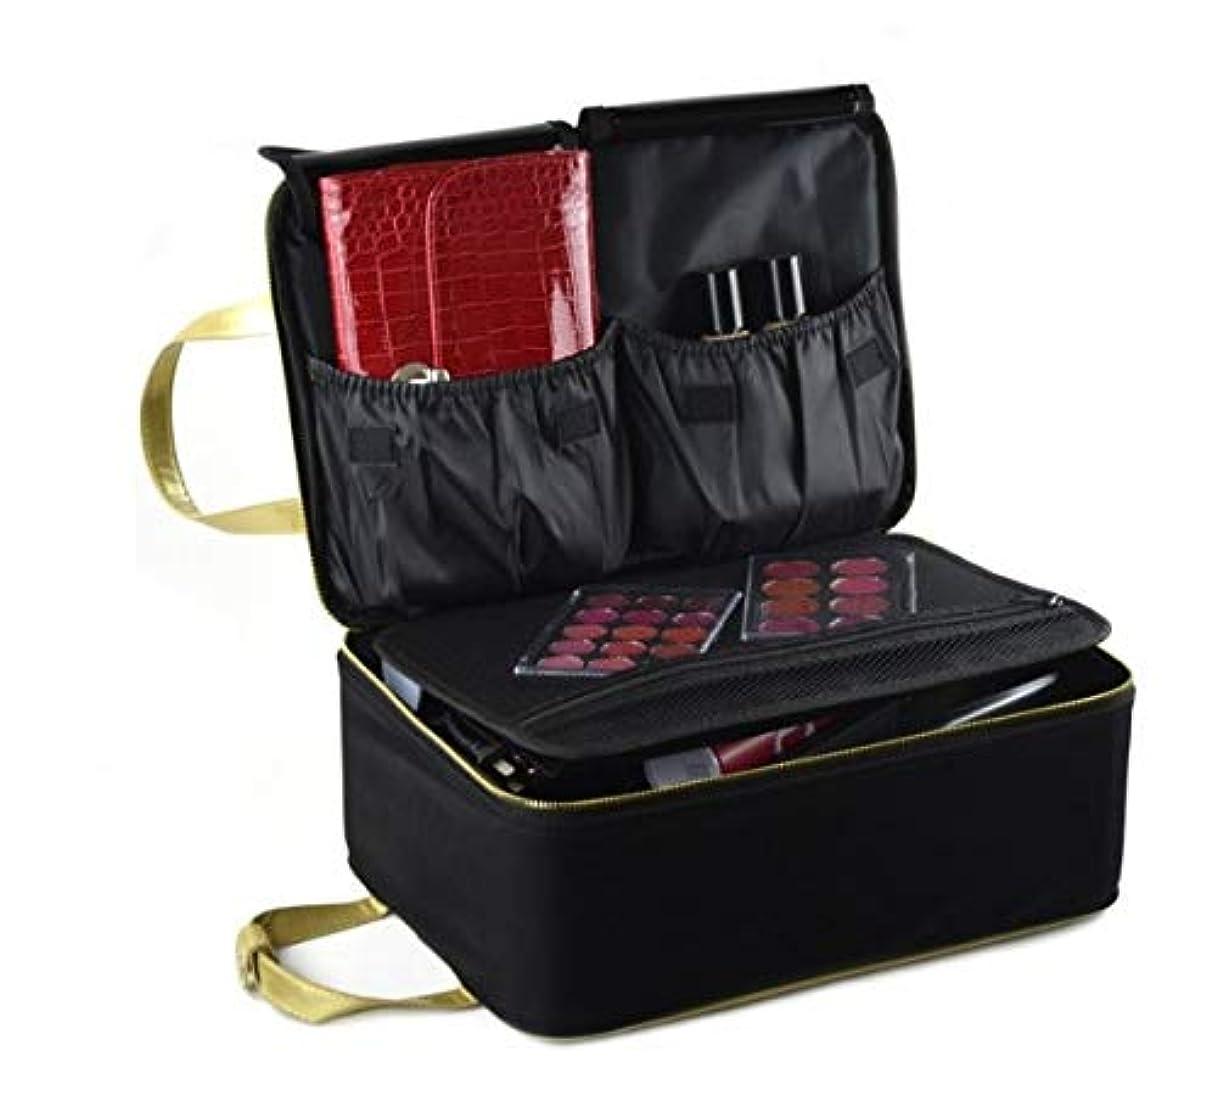 思い出させる記念碑的なメドレー化粧箱、黒い携帯用化粧品の箱、携帯用旅行化粧品の箱、美の釘の宝石類の収納箱 (Size : S)